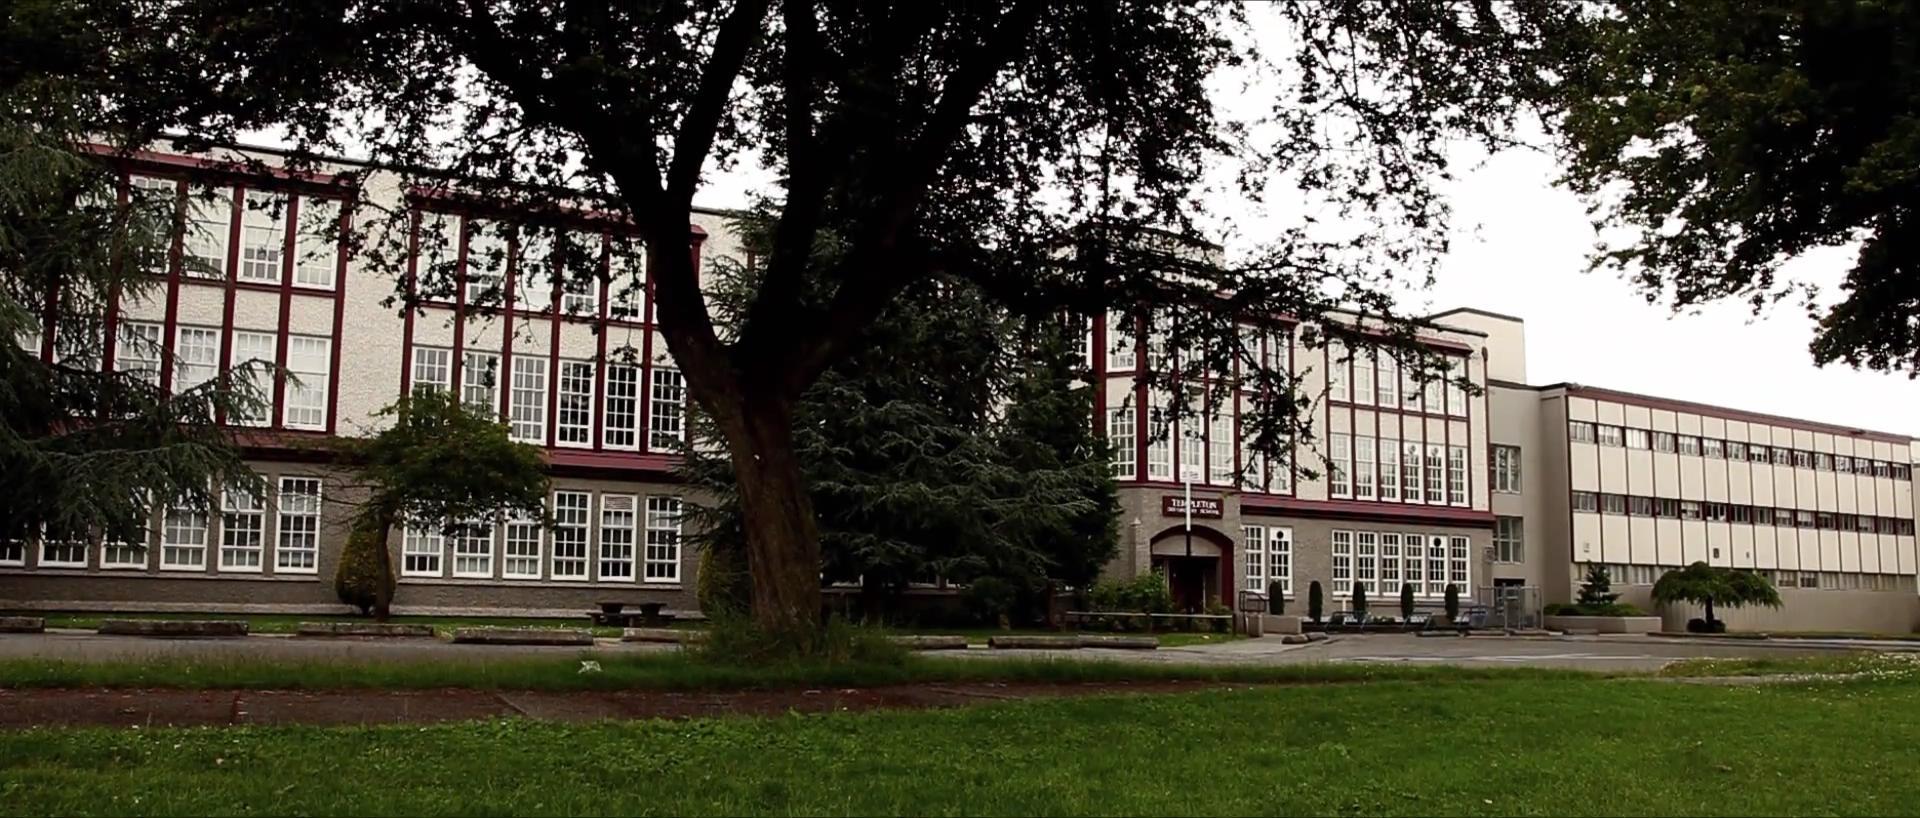 rfmt-03-school